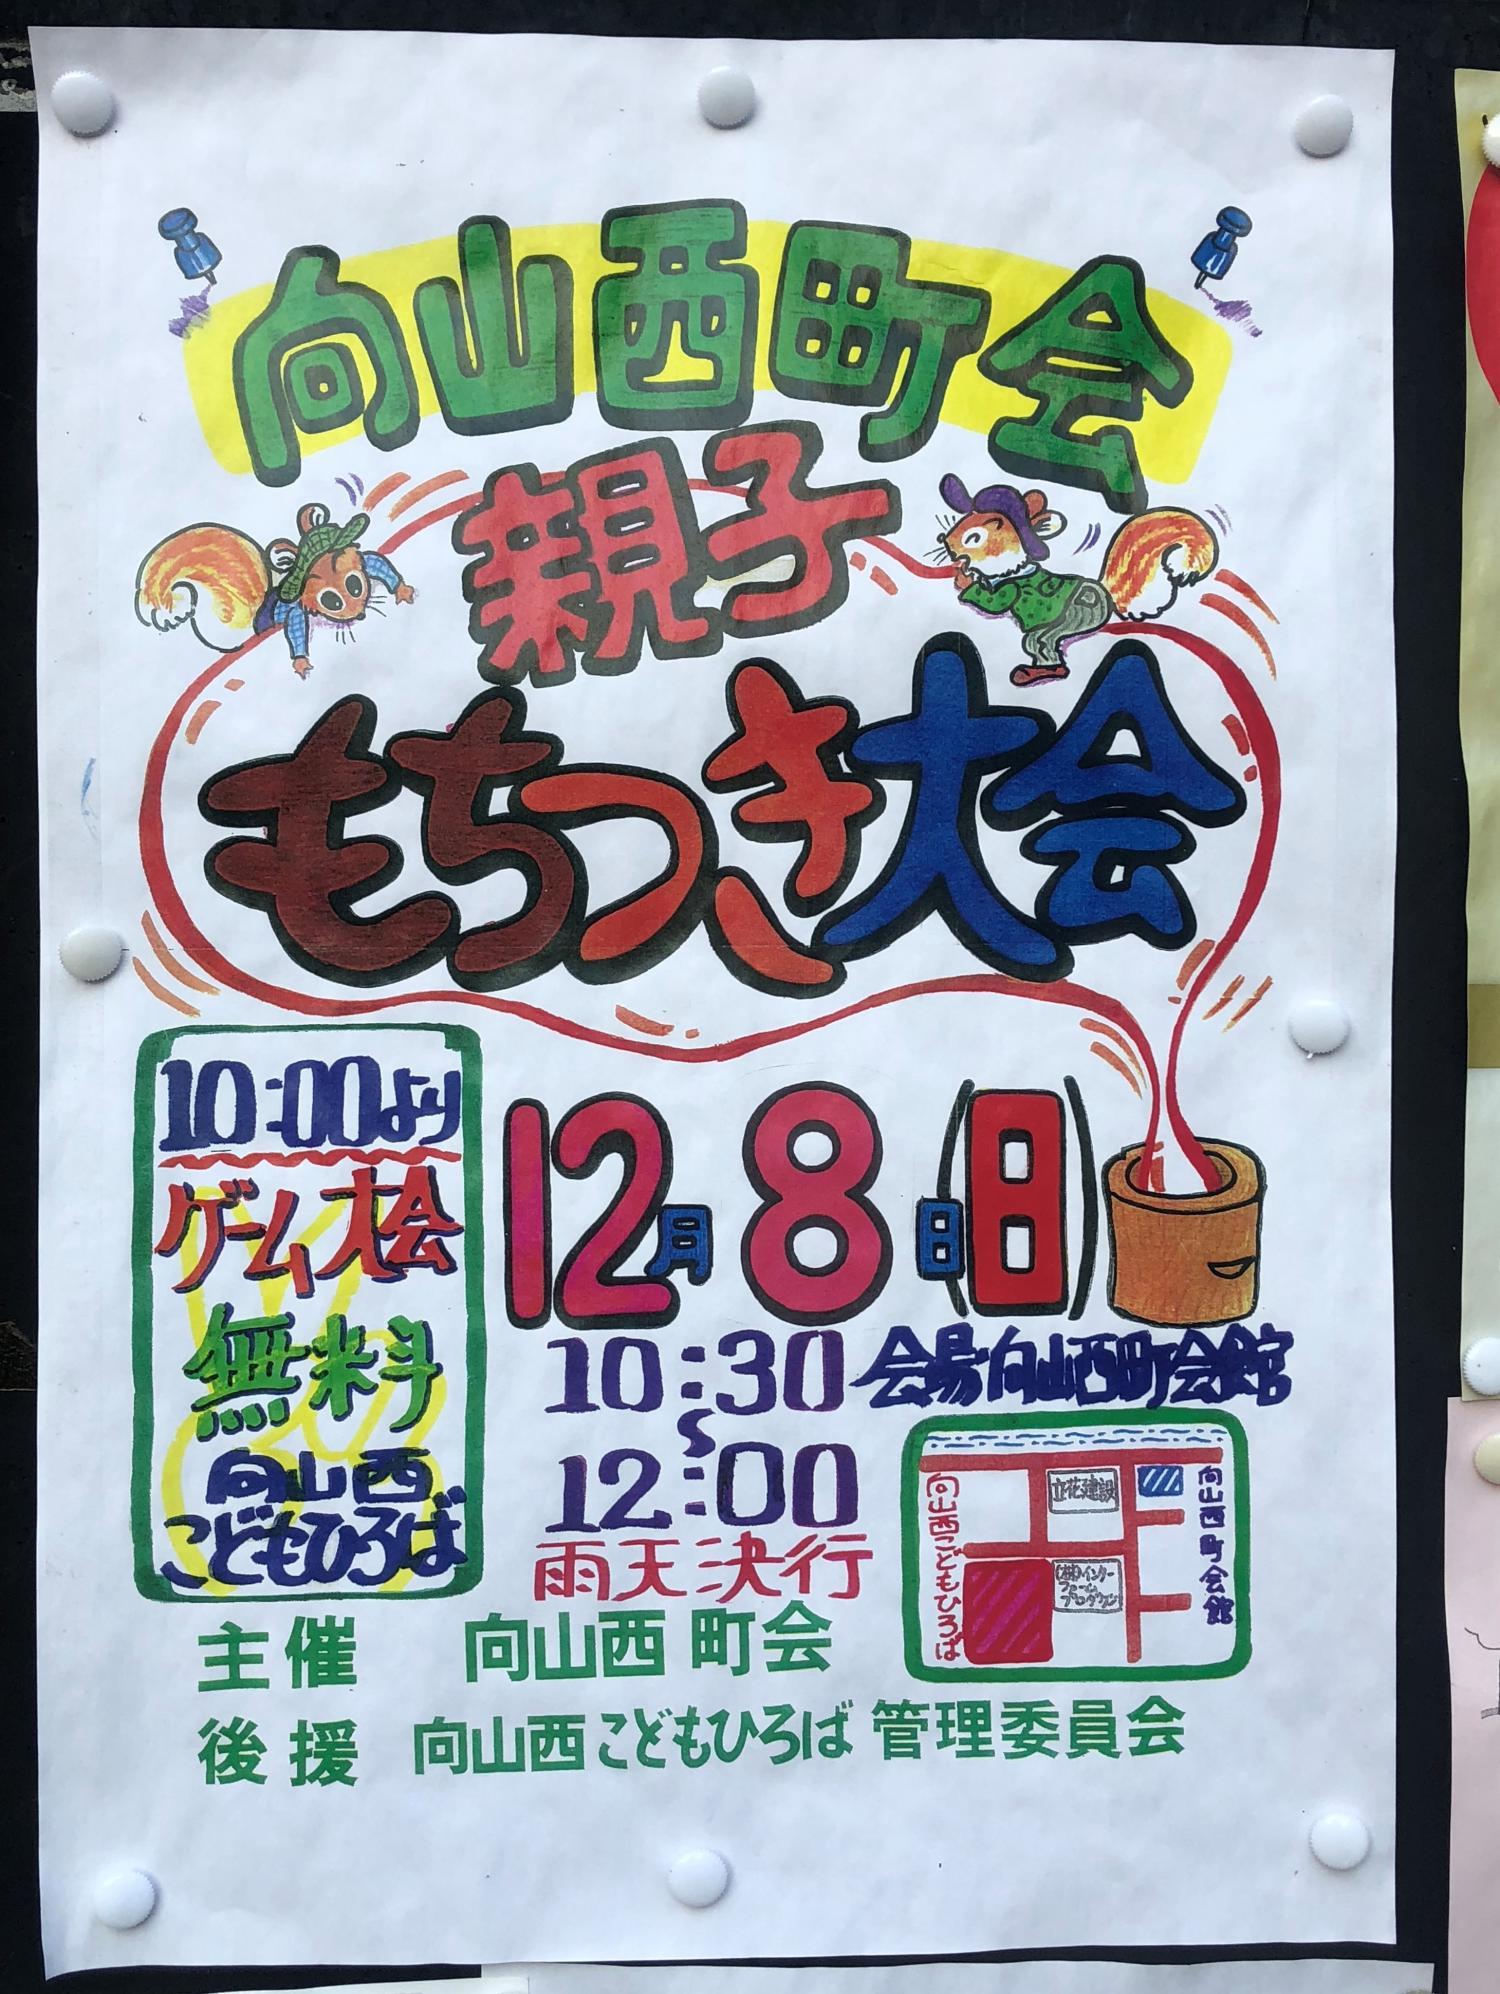 무카이야마니시마치회 부모와 자식 떡 포함 대회